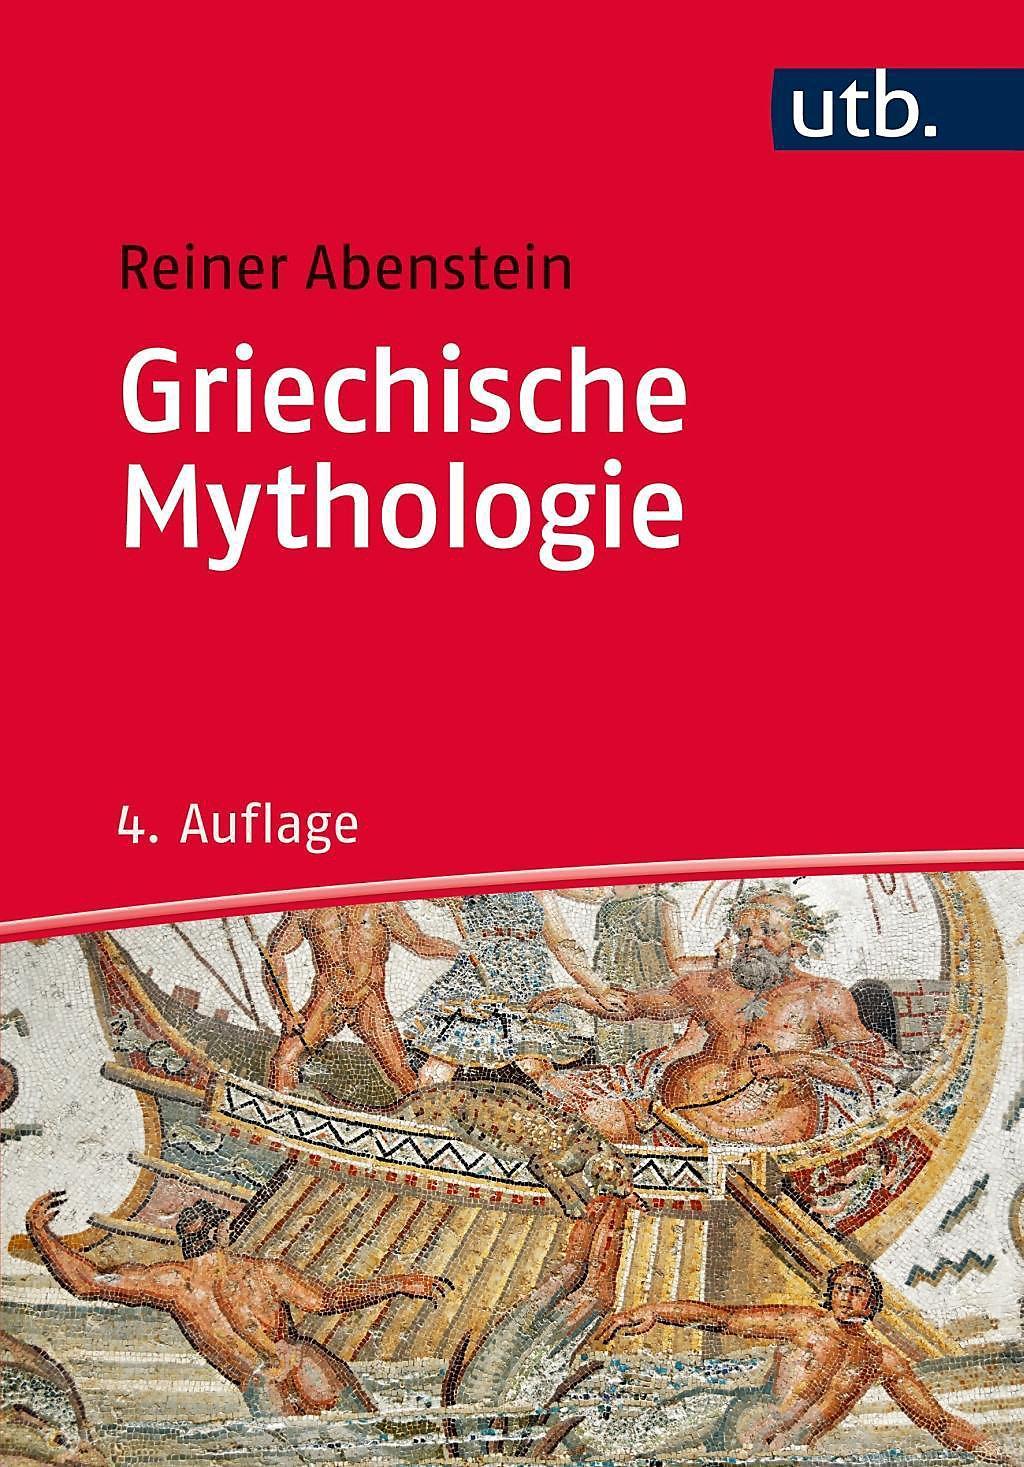 Griechische Mythologie Buch Versandkostenfrei Bei Weltbild